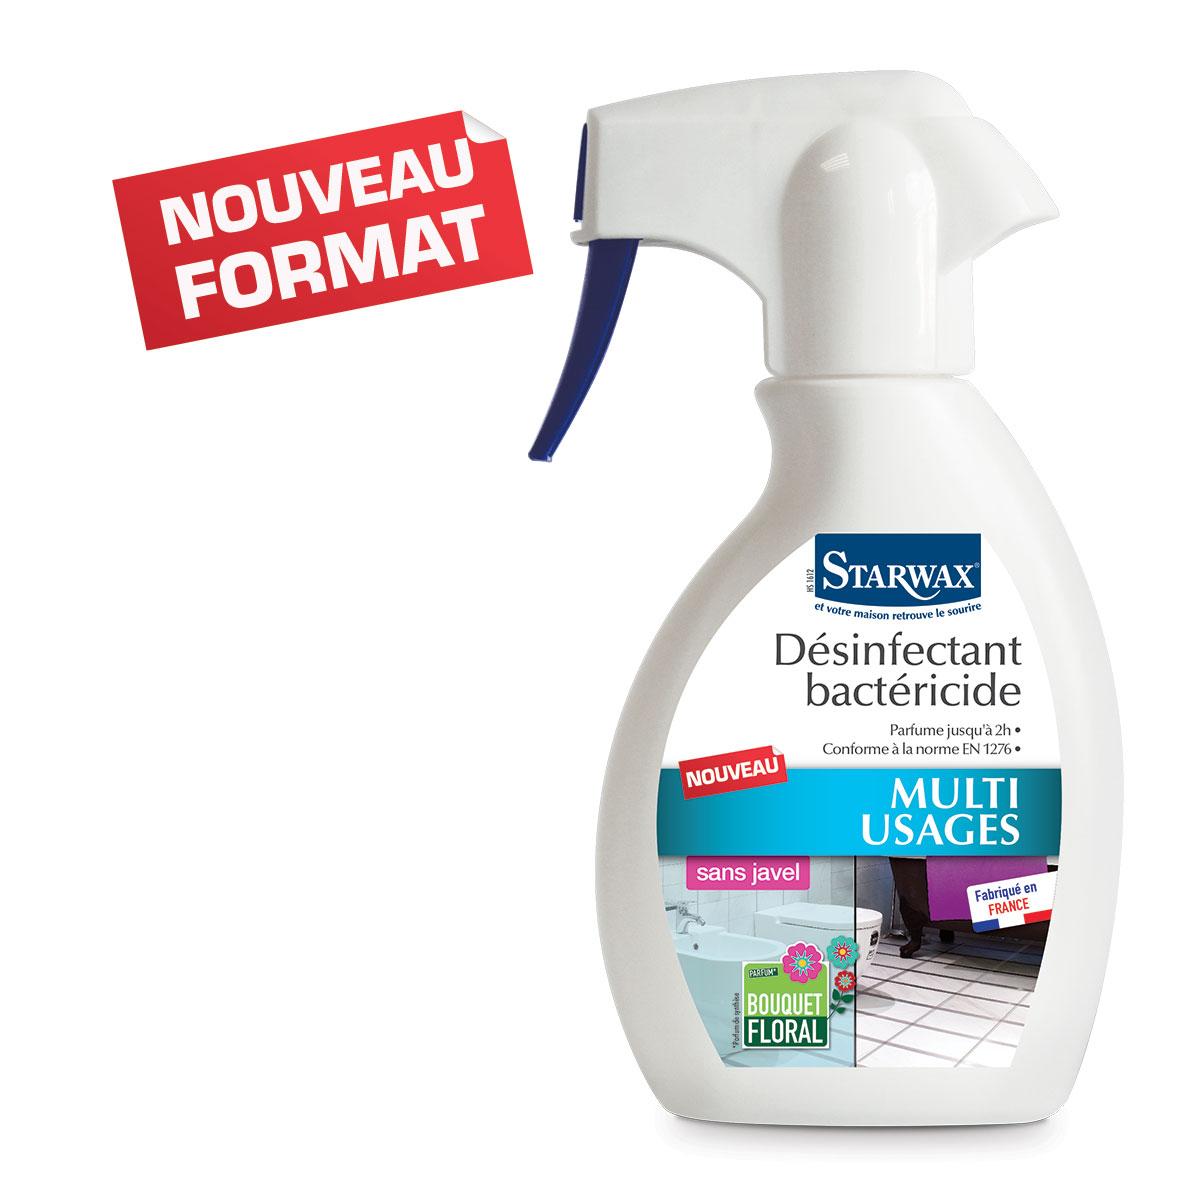 D sinfectant bact ricide sans javel starwax produits d - Nettoyage machine a laver bicarbonate de soude ...